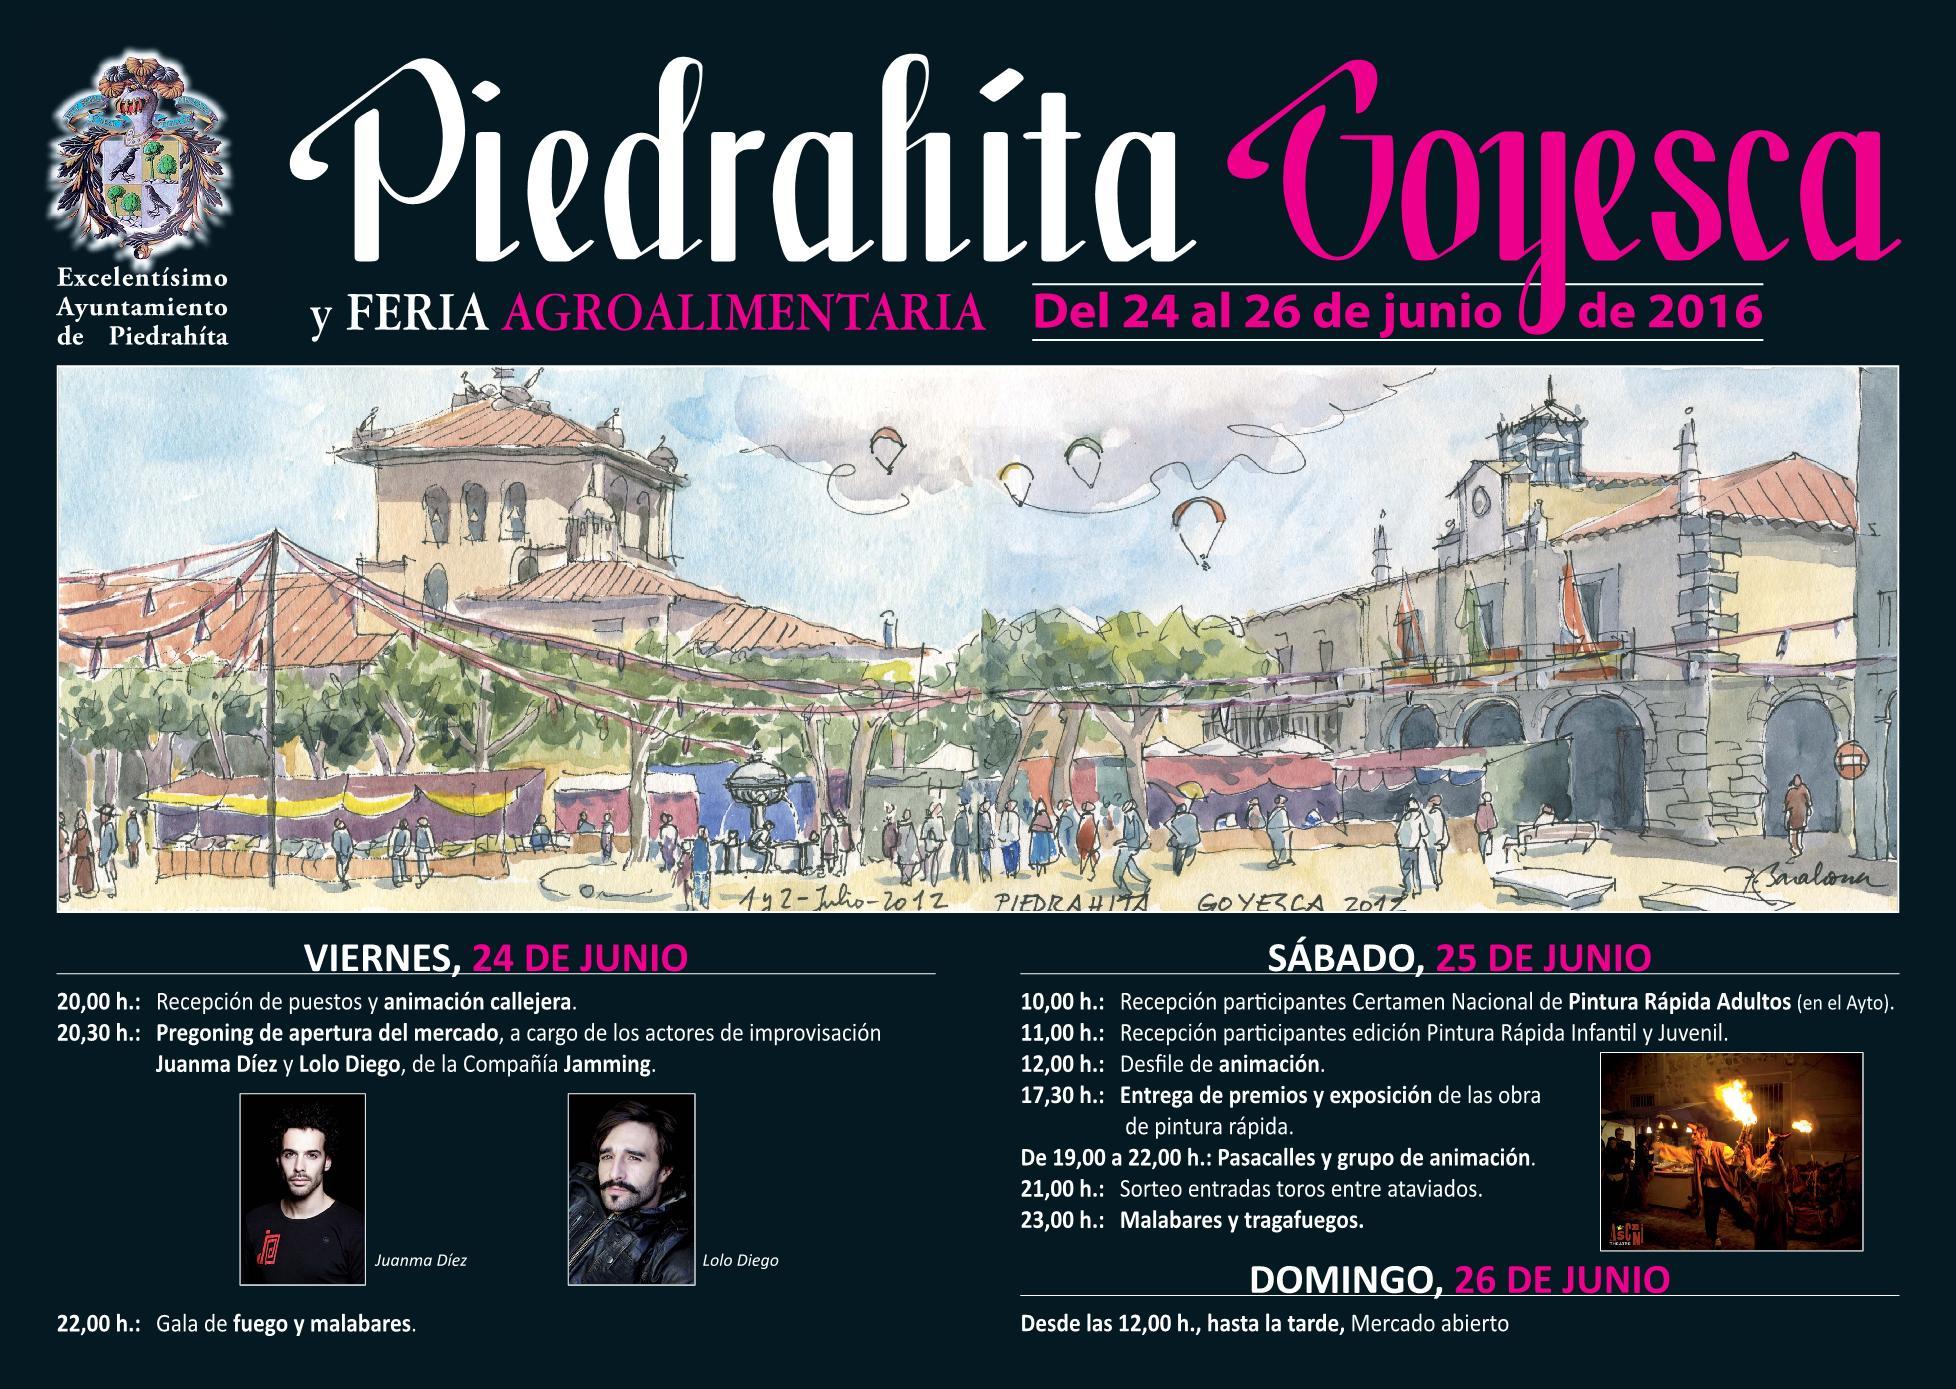 Piedrahita Goyesca 2016